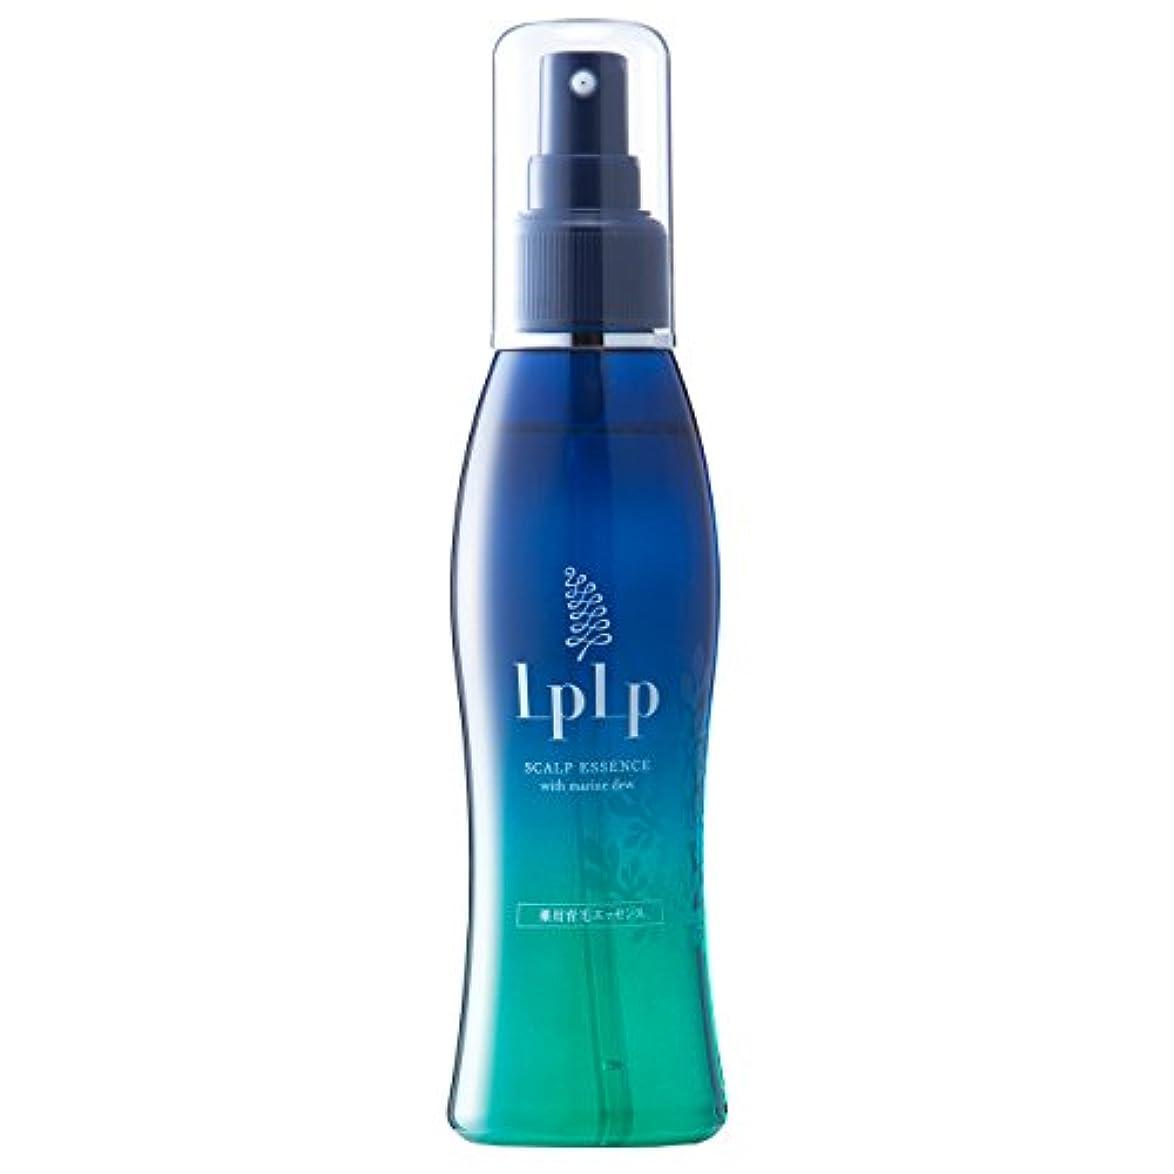 円形の入手しますキュービックLPLP(ルプルプ) 薬用育毛エッセンス 150ml (医薬部外品)